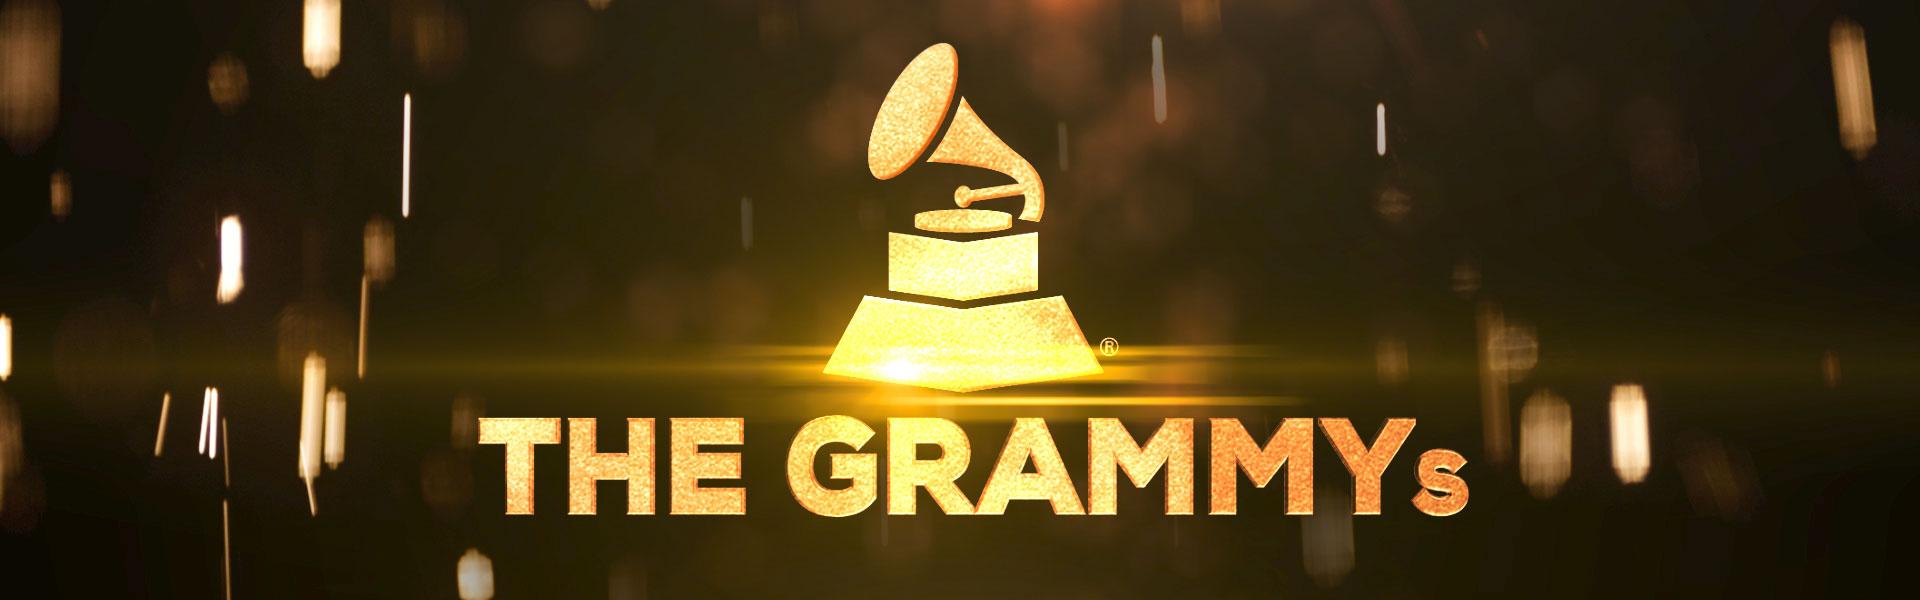 Grammysheader